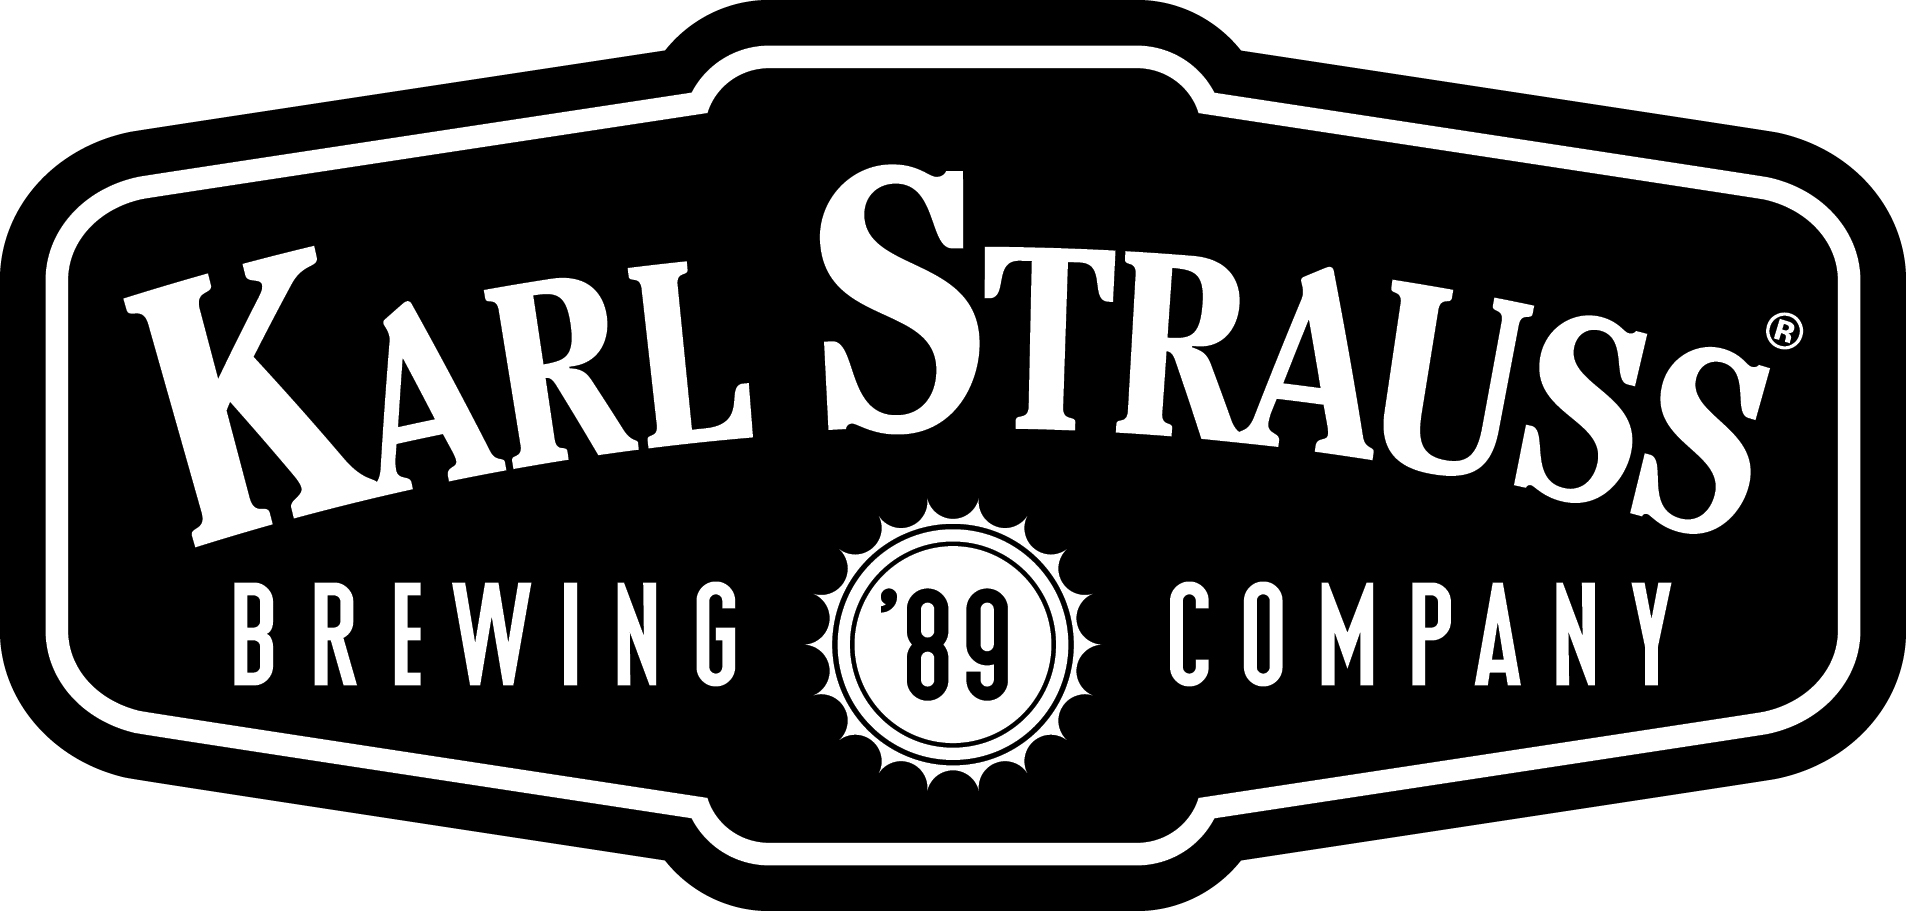 Karl Strauss Brewing